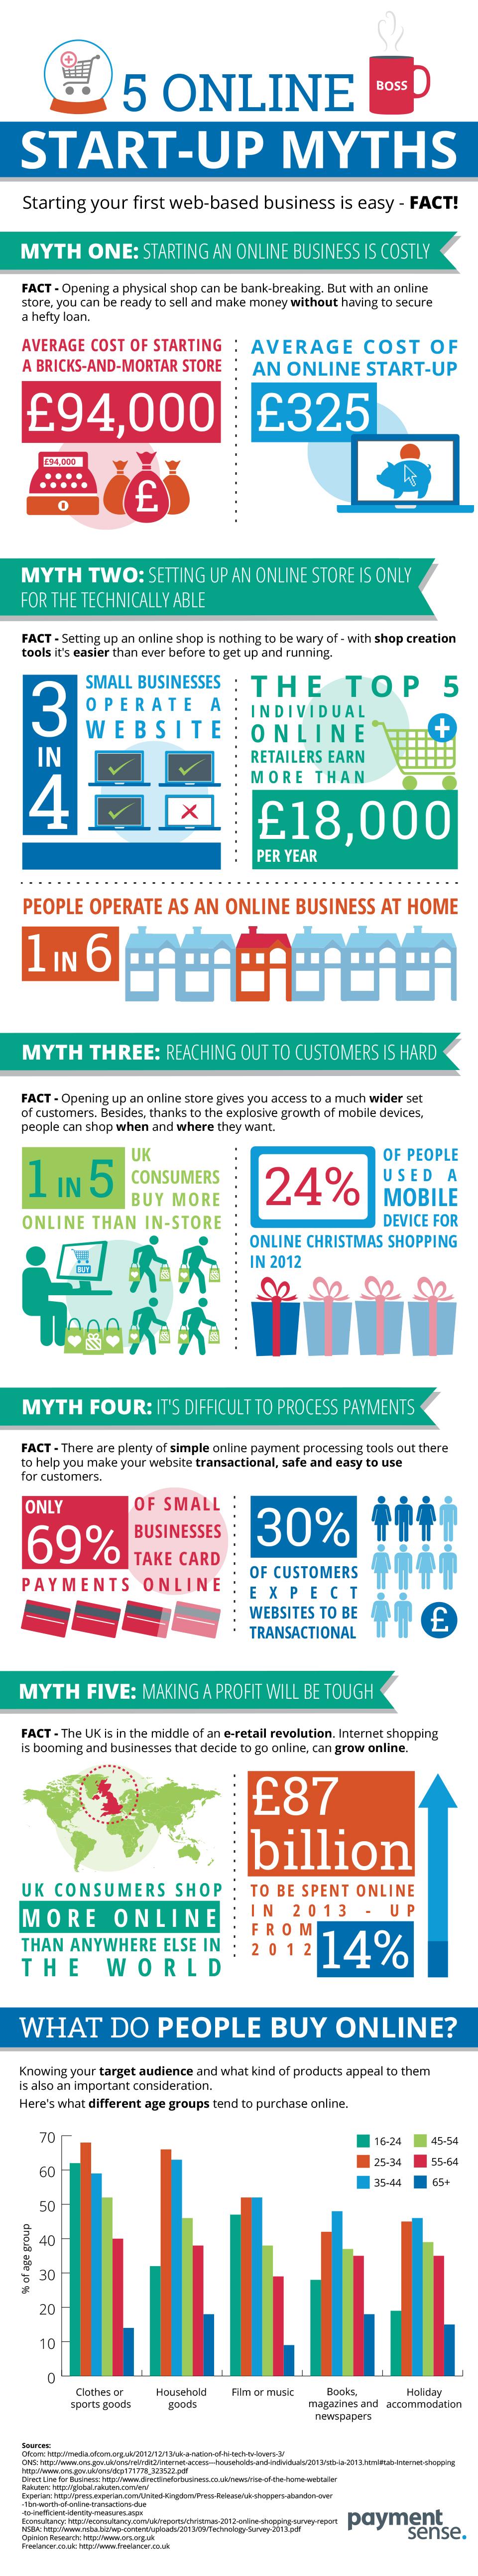 Five Online Startup Myths